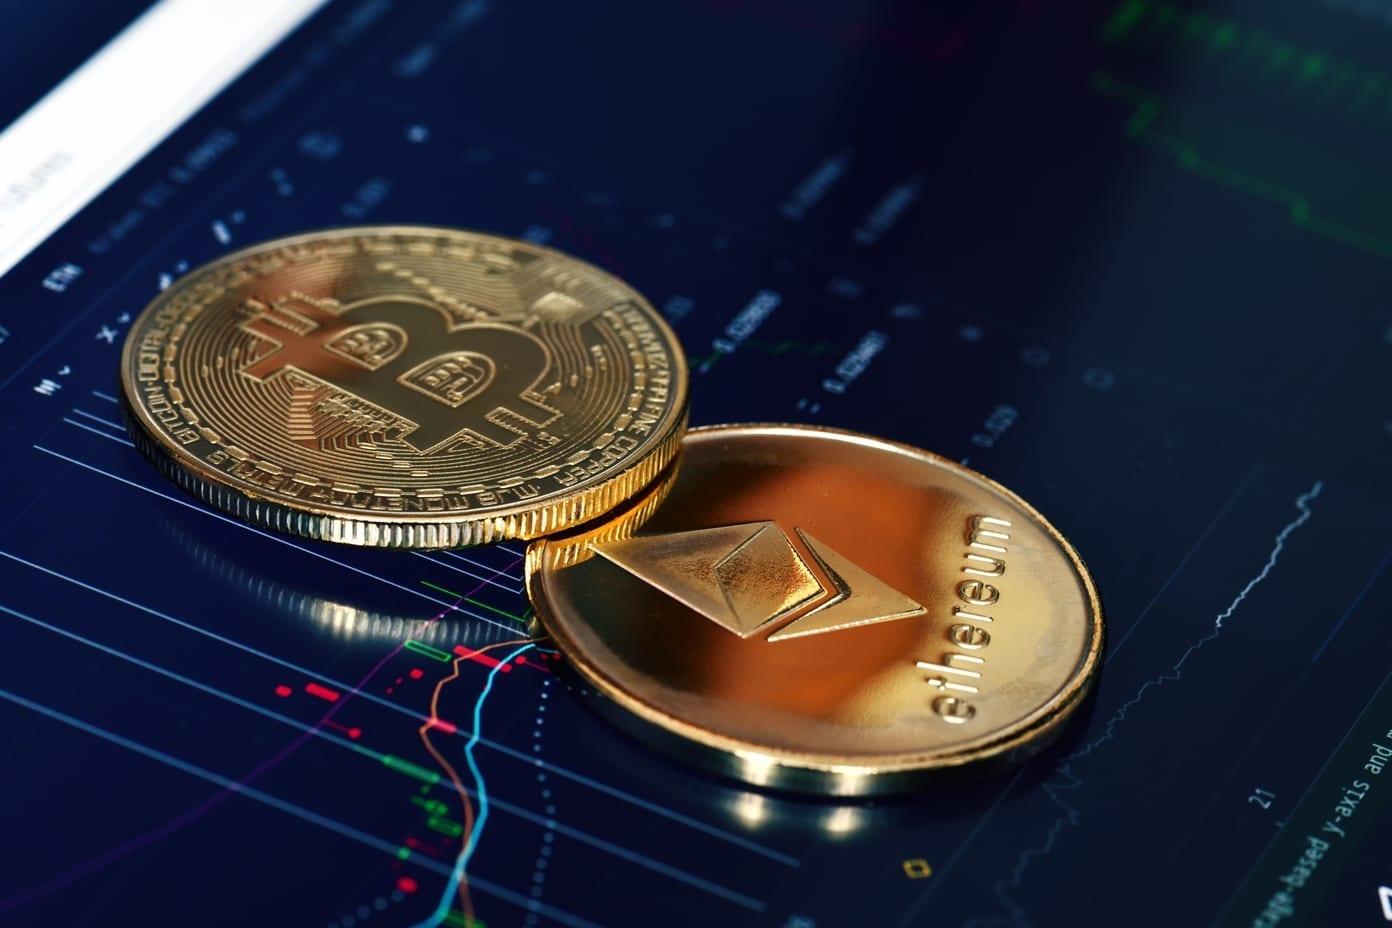 Le Bitcoin a retrouvé le niveau de $6220 USD et apporte un peu d'optimisme sur le marché des cryptomonnaies. Les lignes de tendance qui régissent aux mouvement des prix se réunissent vers ce point, qui pourrait peut-être arriver au début du mois d'août. E